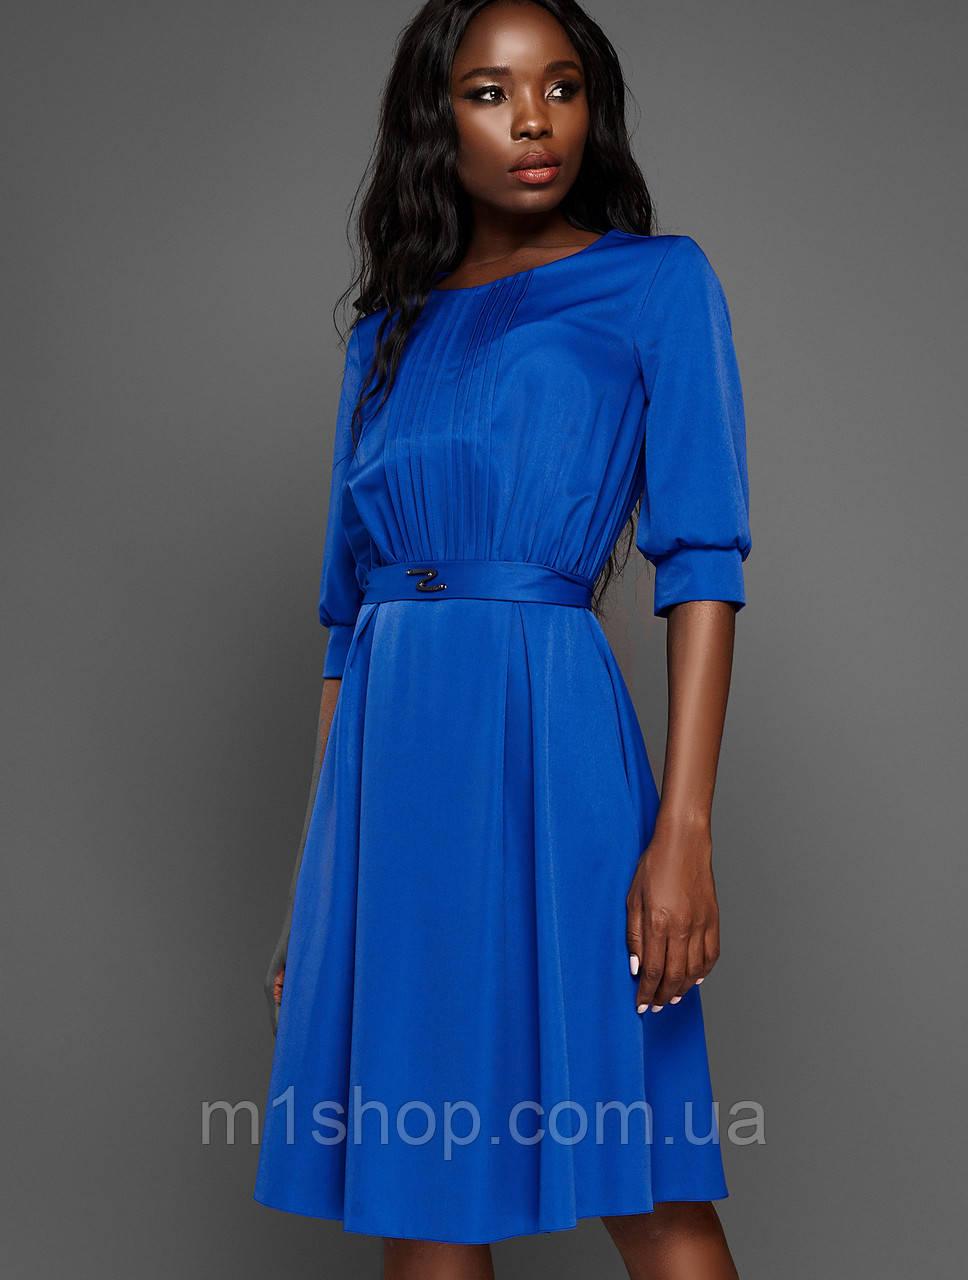 Женское платье с юбкой полусолнце (Беттиjd)